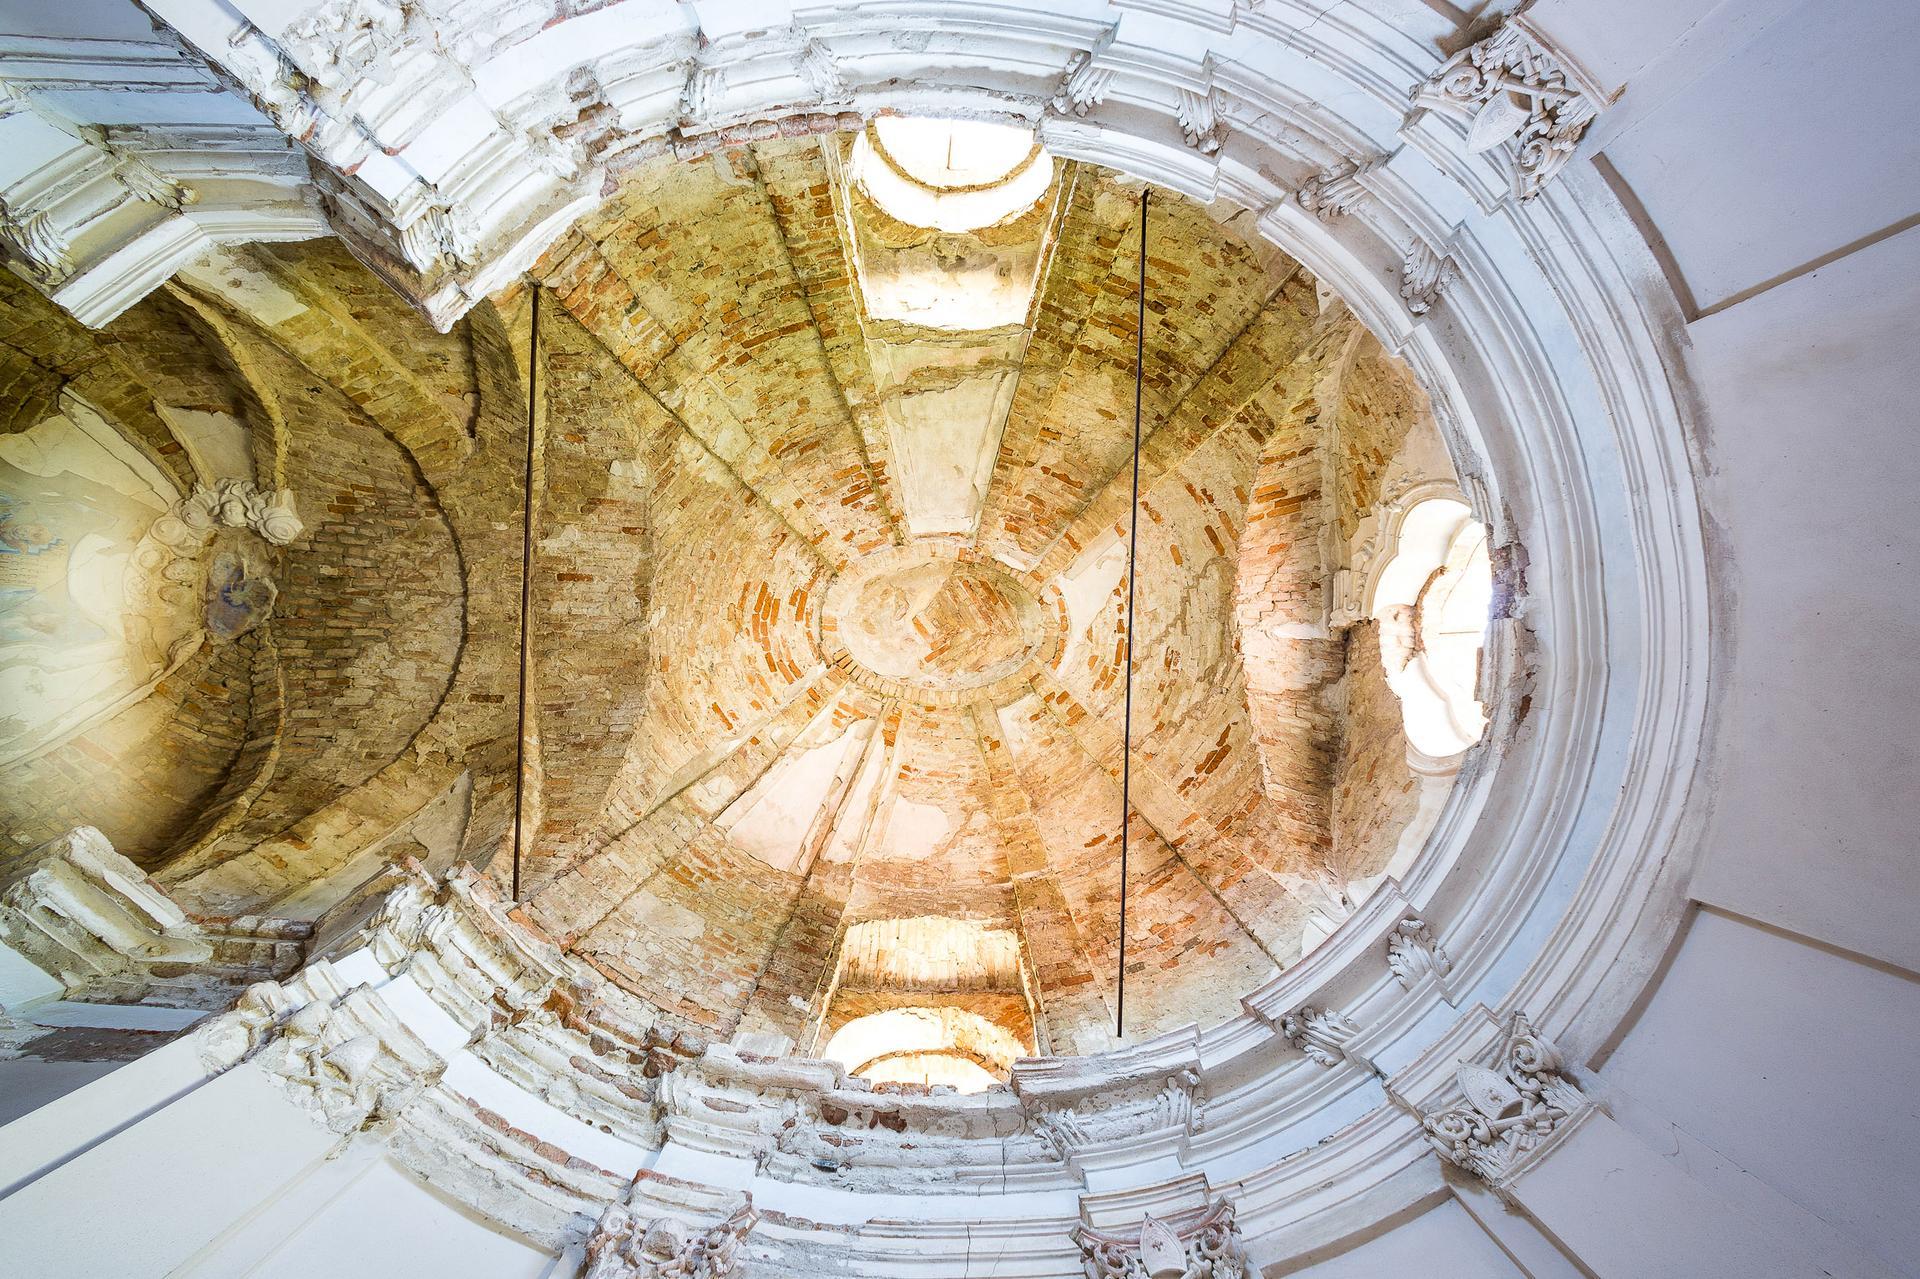 CASTAGNITO - Chiesa di San Bernardo di Chiaravalle